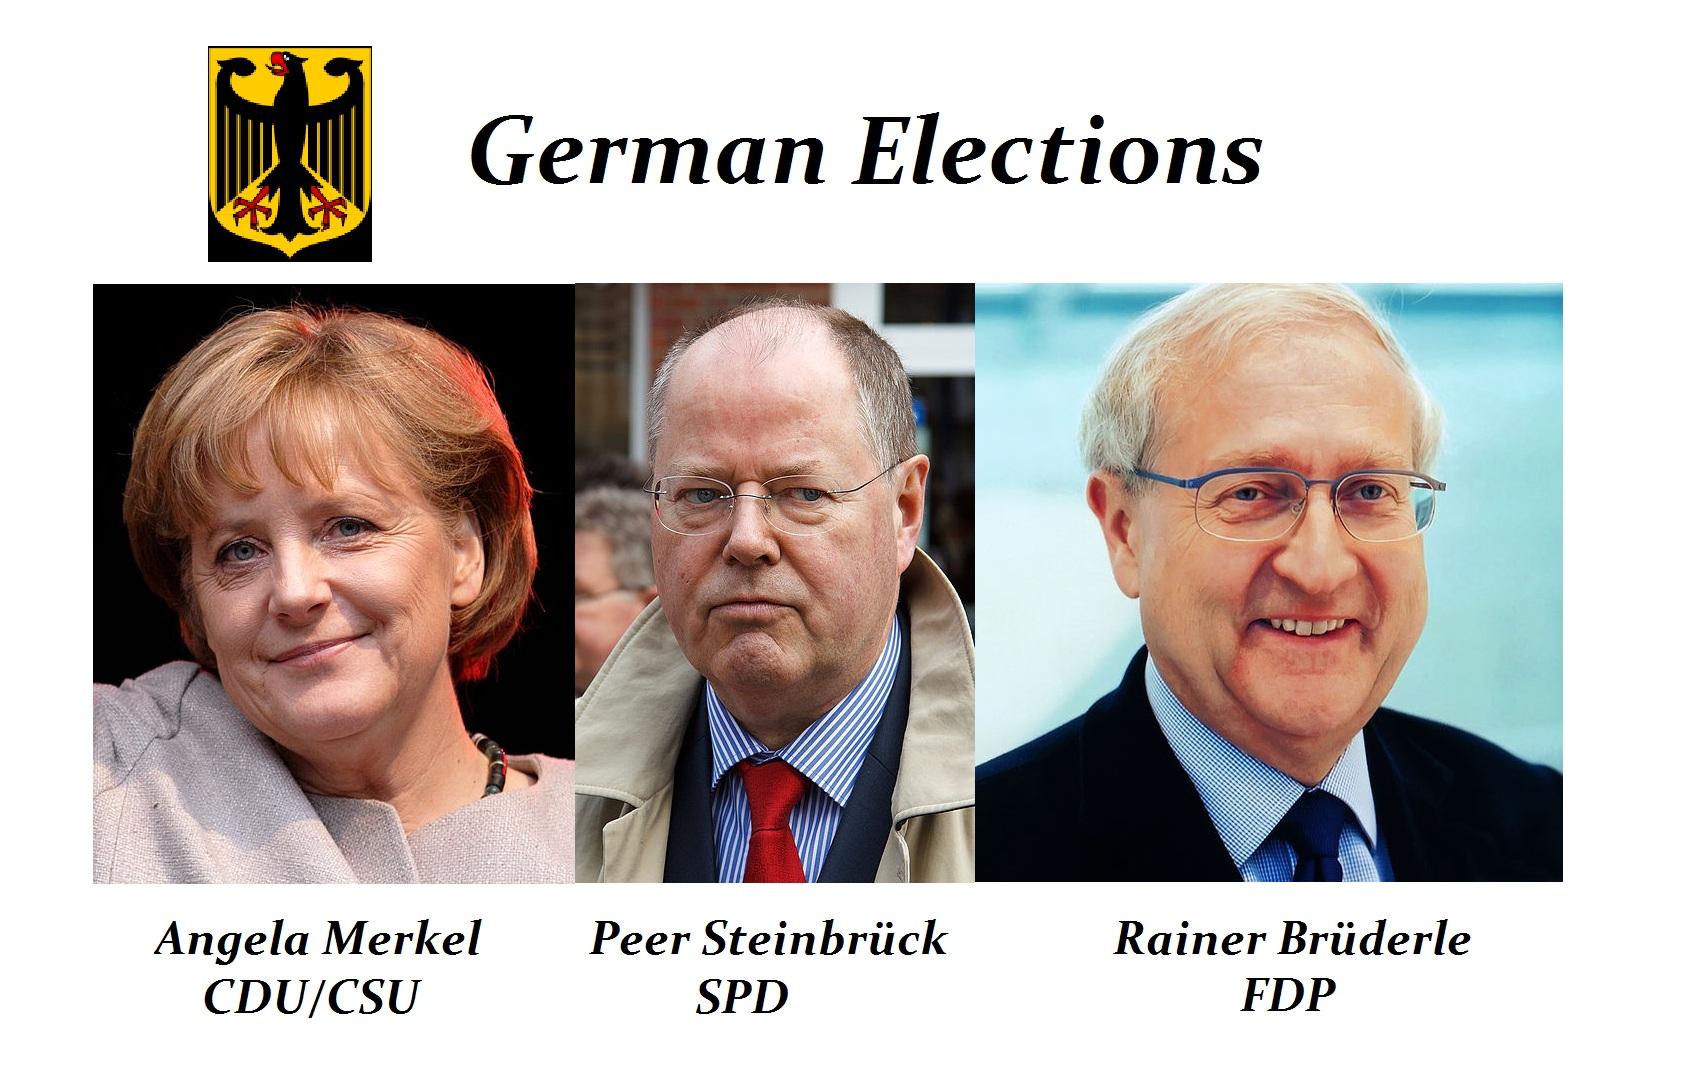 开选前必读:一文看懂德国大选